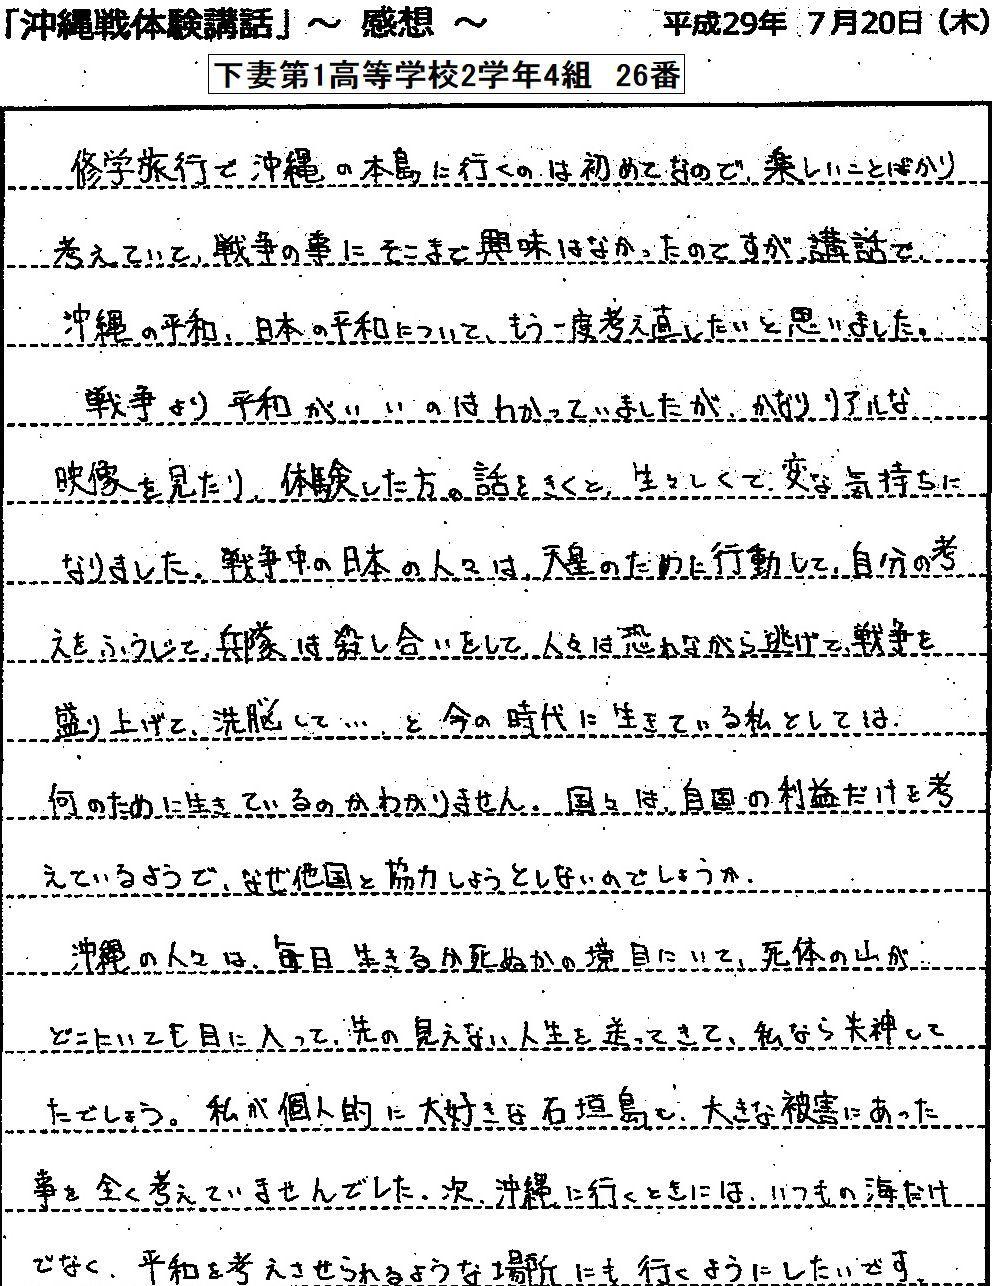 2017年9月24日茨城県立下妻第一高等学校「戦場体験談」講話感想文  その7_d0249595_13035053.jpg